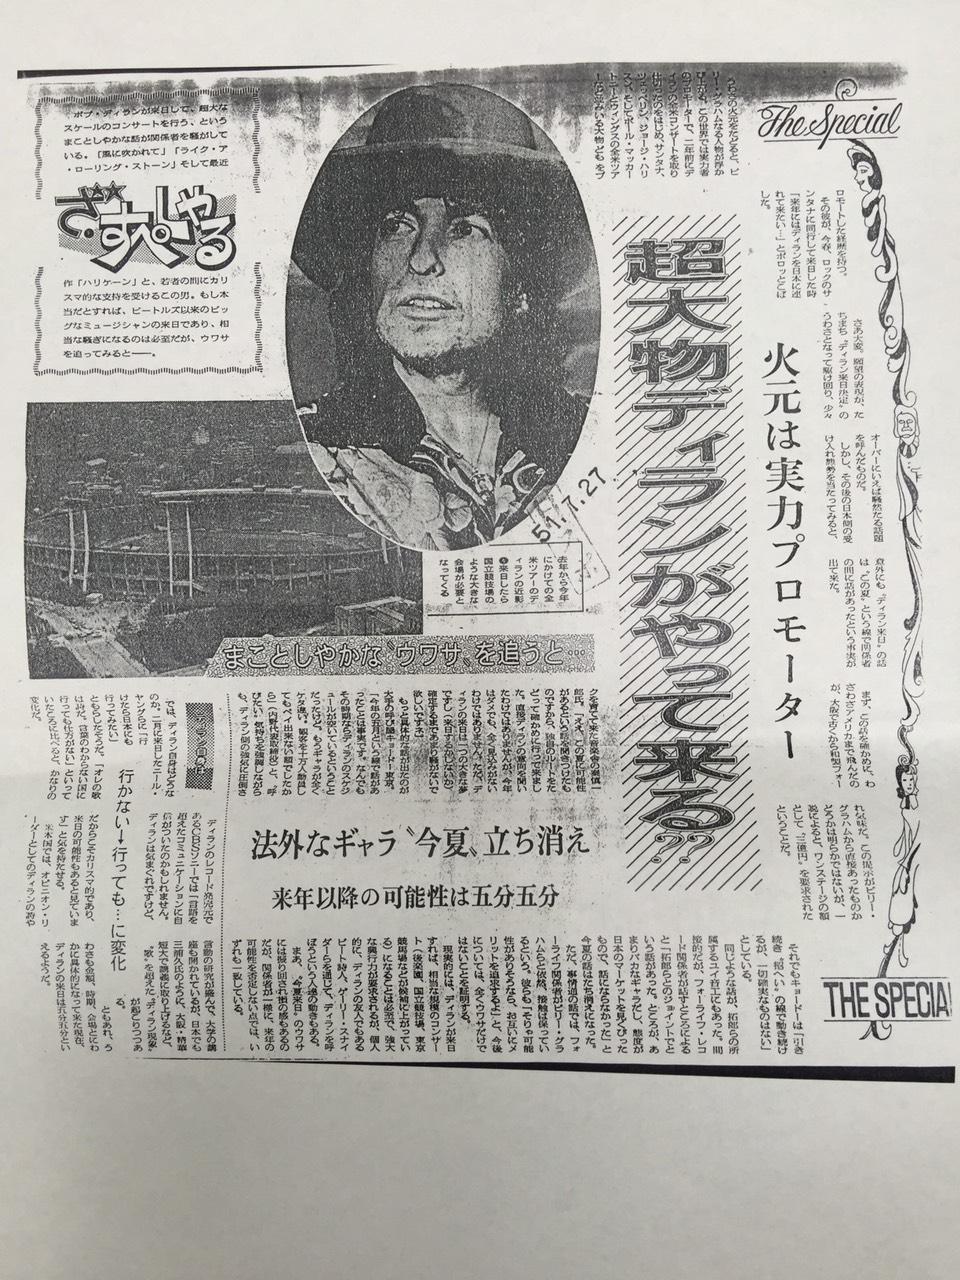 1978 NEWSPAPER